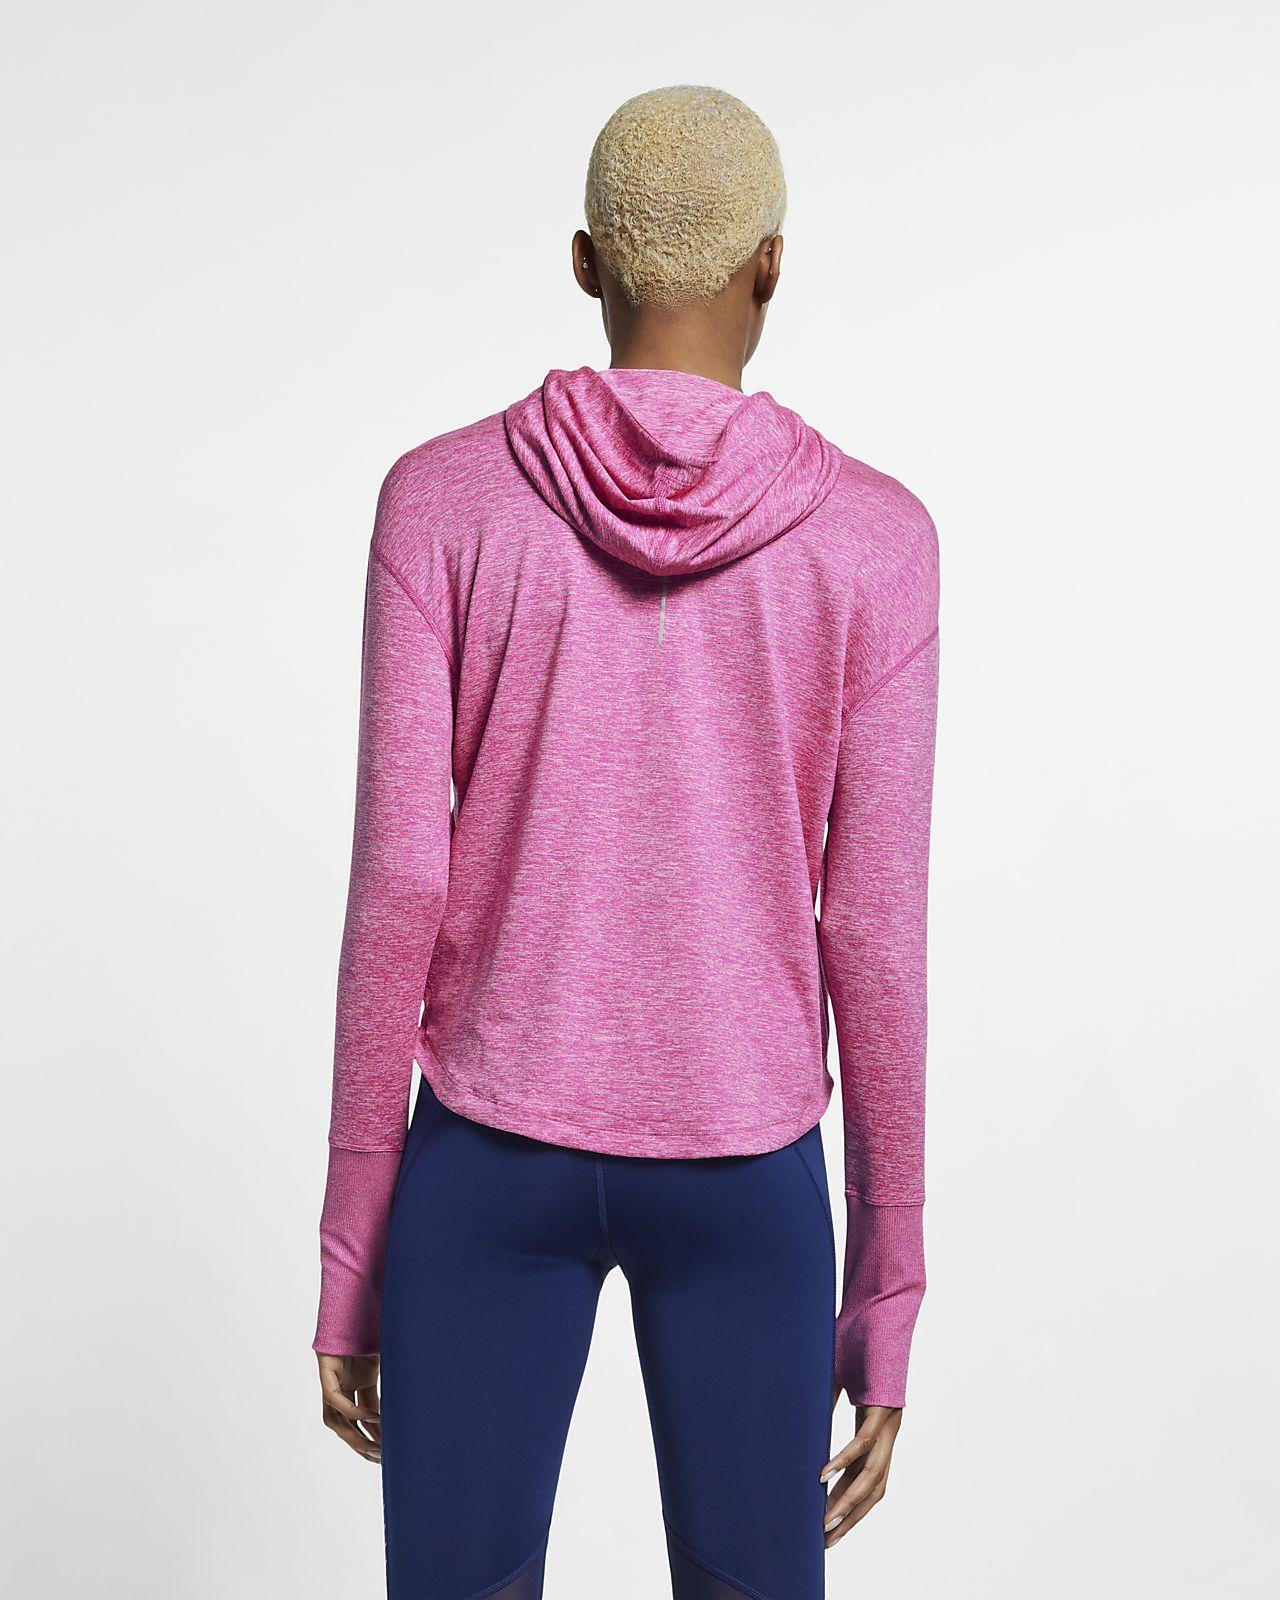 Nike Womens Fitness Running Hoodie Pink M